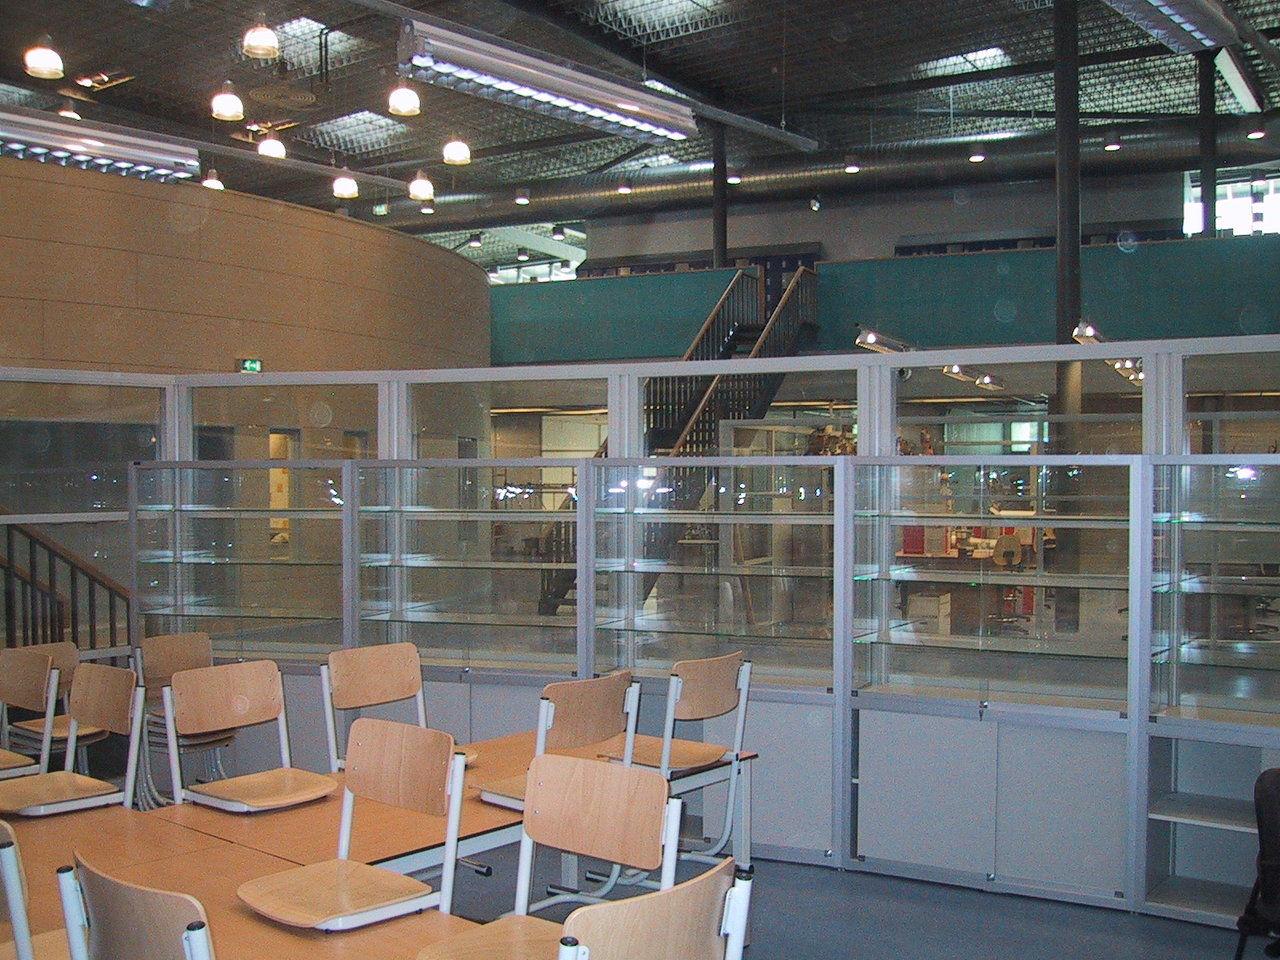 Schoolmeubilalir werkplaatsinrichting maatwerk for Inrichting interieur